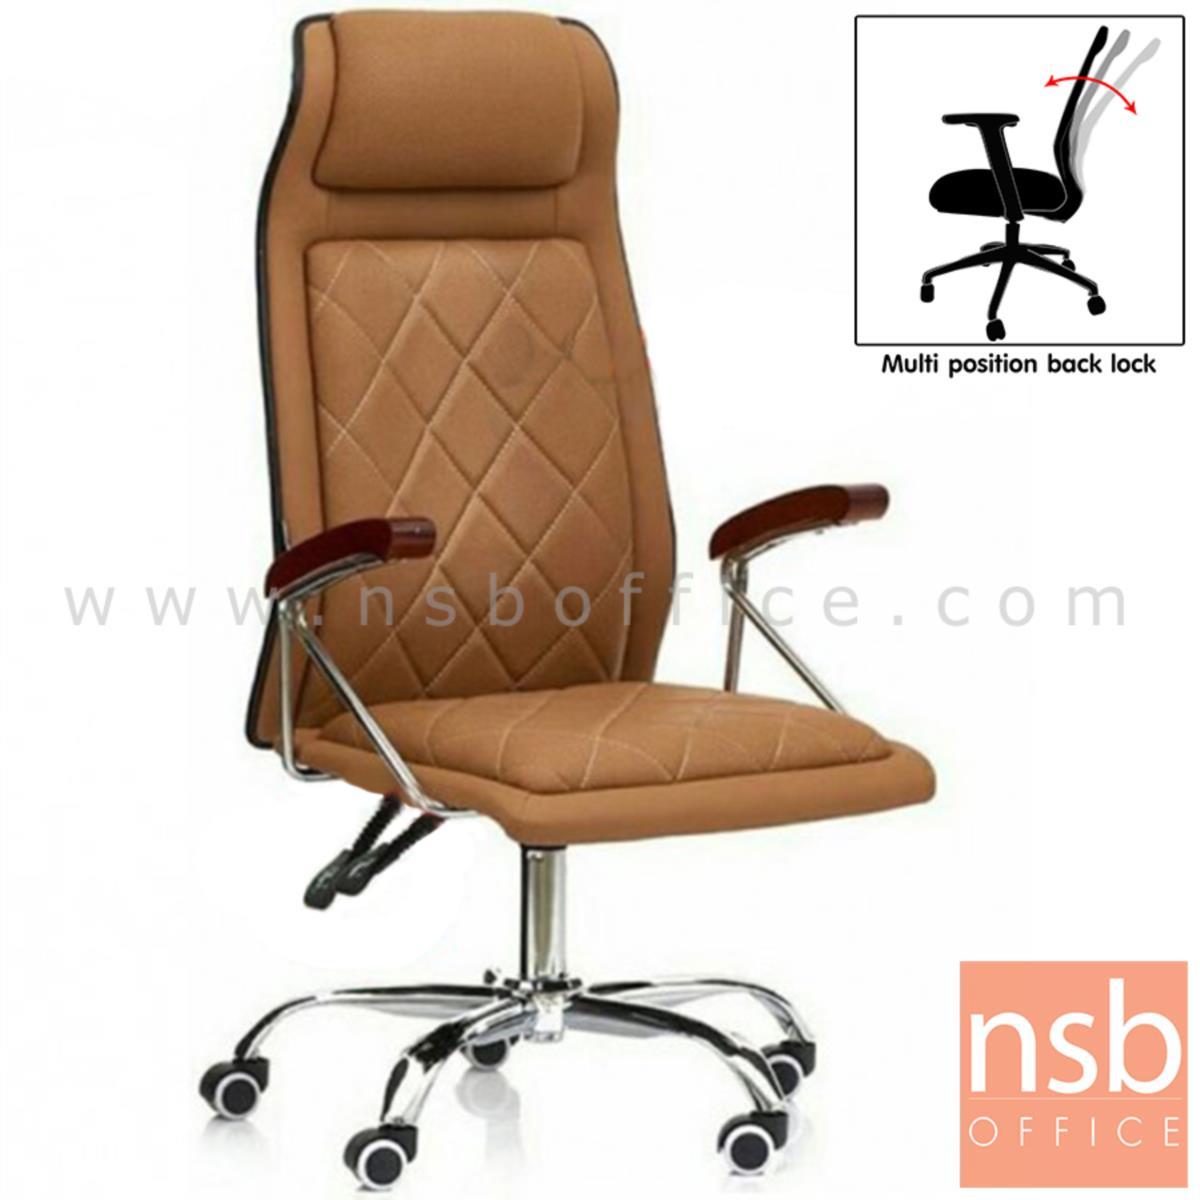 B01A338:เก้าอี้ผู้บริหาร รุ่น Bellamy (เบลลามี)  โช๊คแก๊ส ขาเหล็กชุบโครเมี่ยม